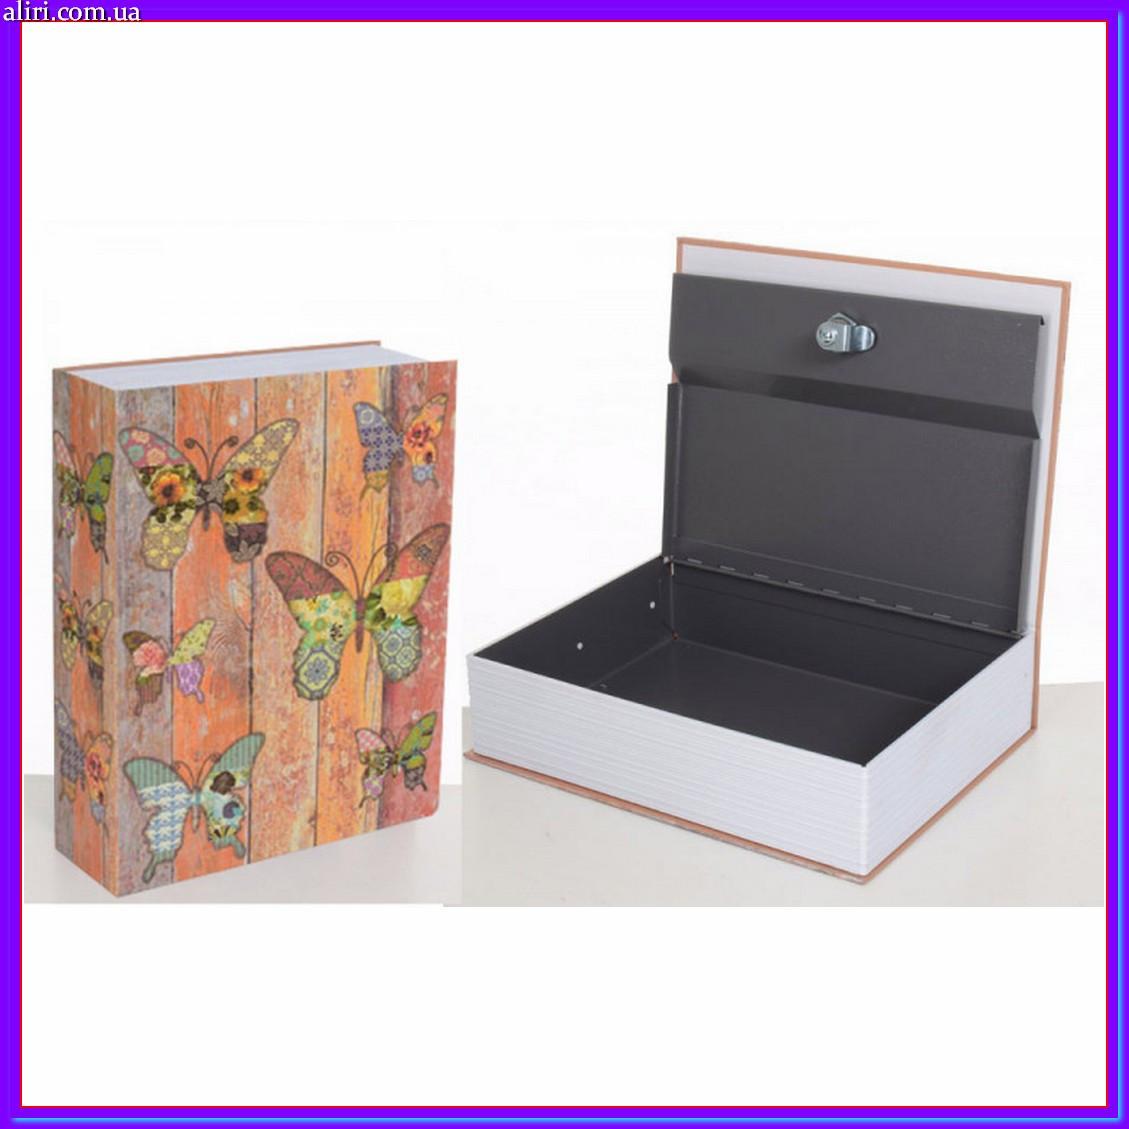 Книга-сейф с замком MAXLEND MK 1847-1